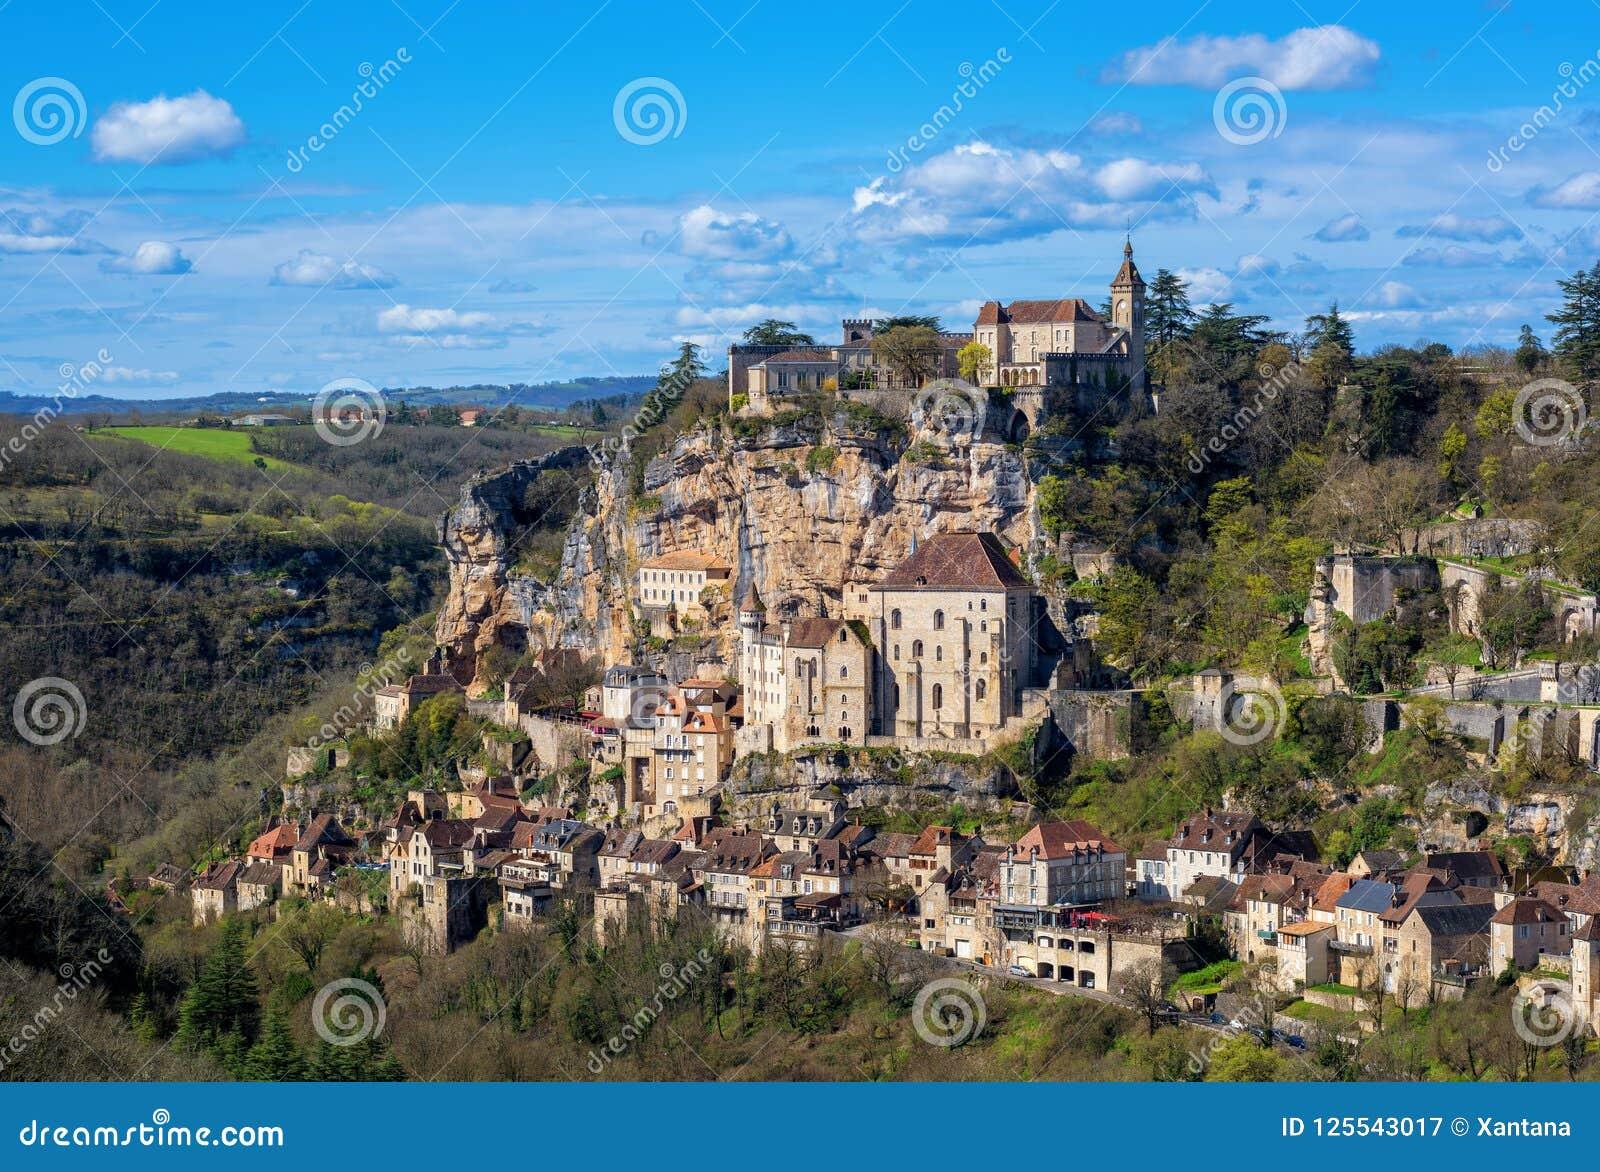 Village de Rocamadour, un bel héritage SI de culture du monde de l UNESCO